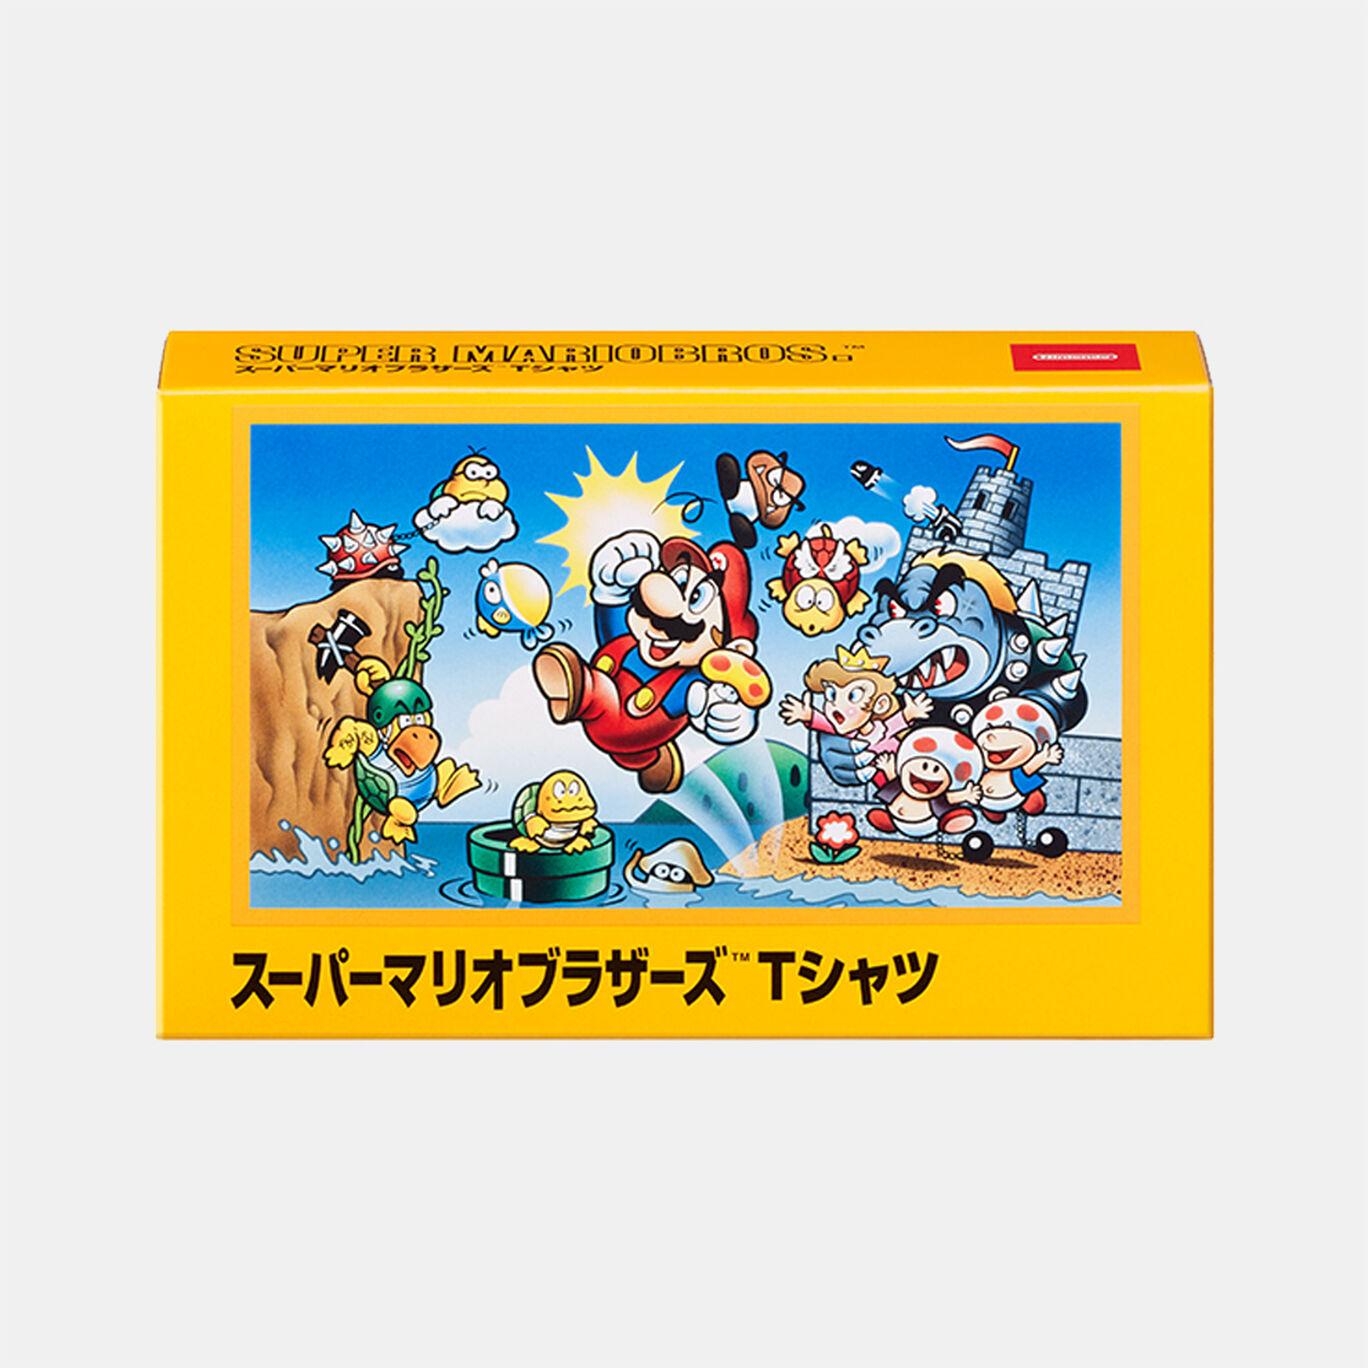 ロンT スーパーマリオブラザーズ S【Nintendo TOKYO取り扱い商品】